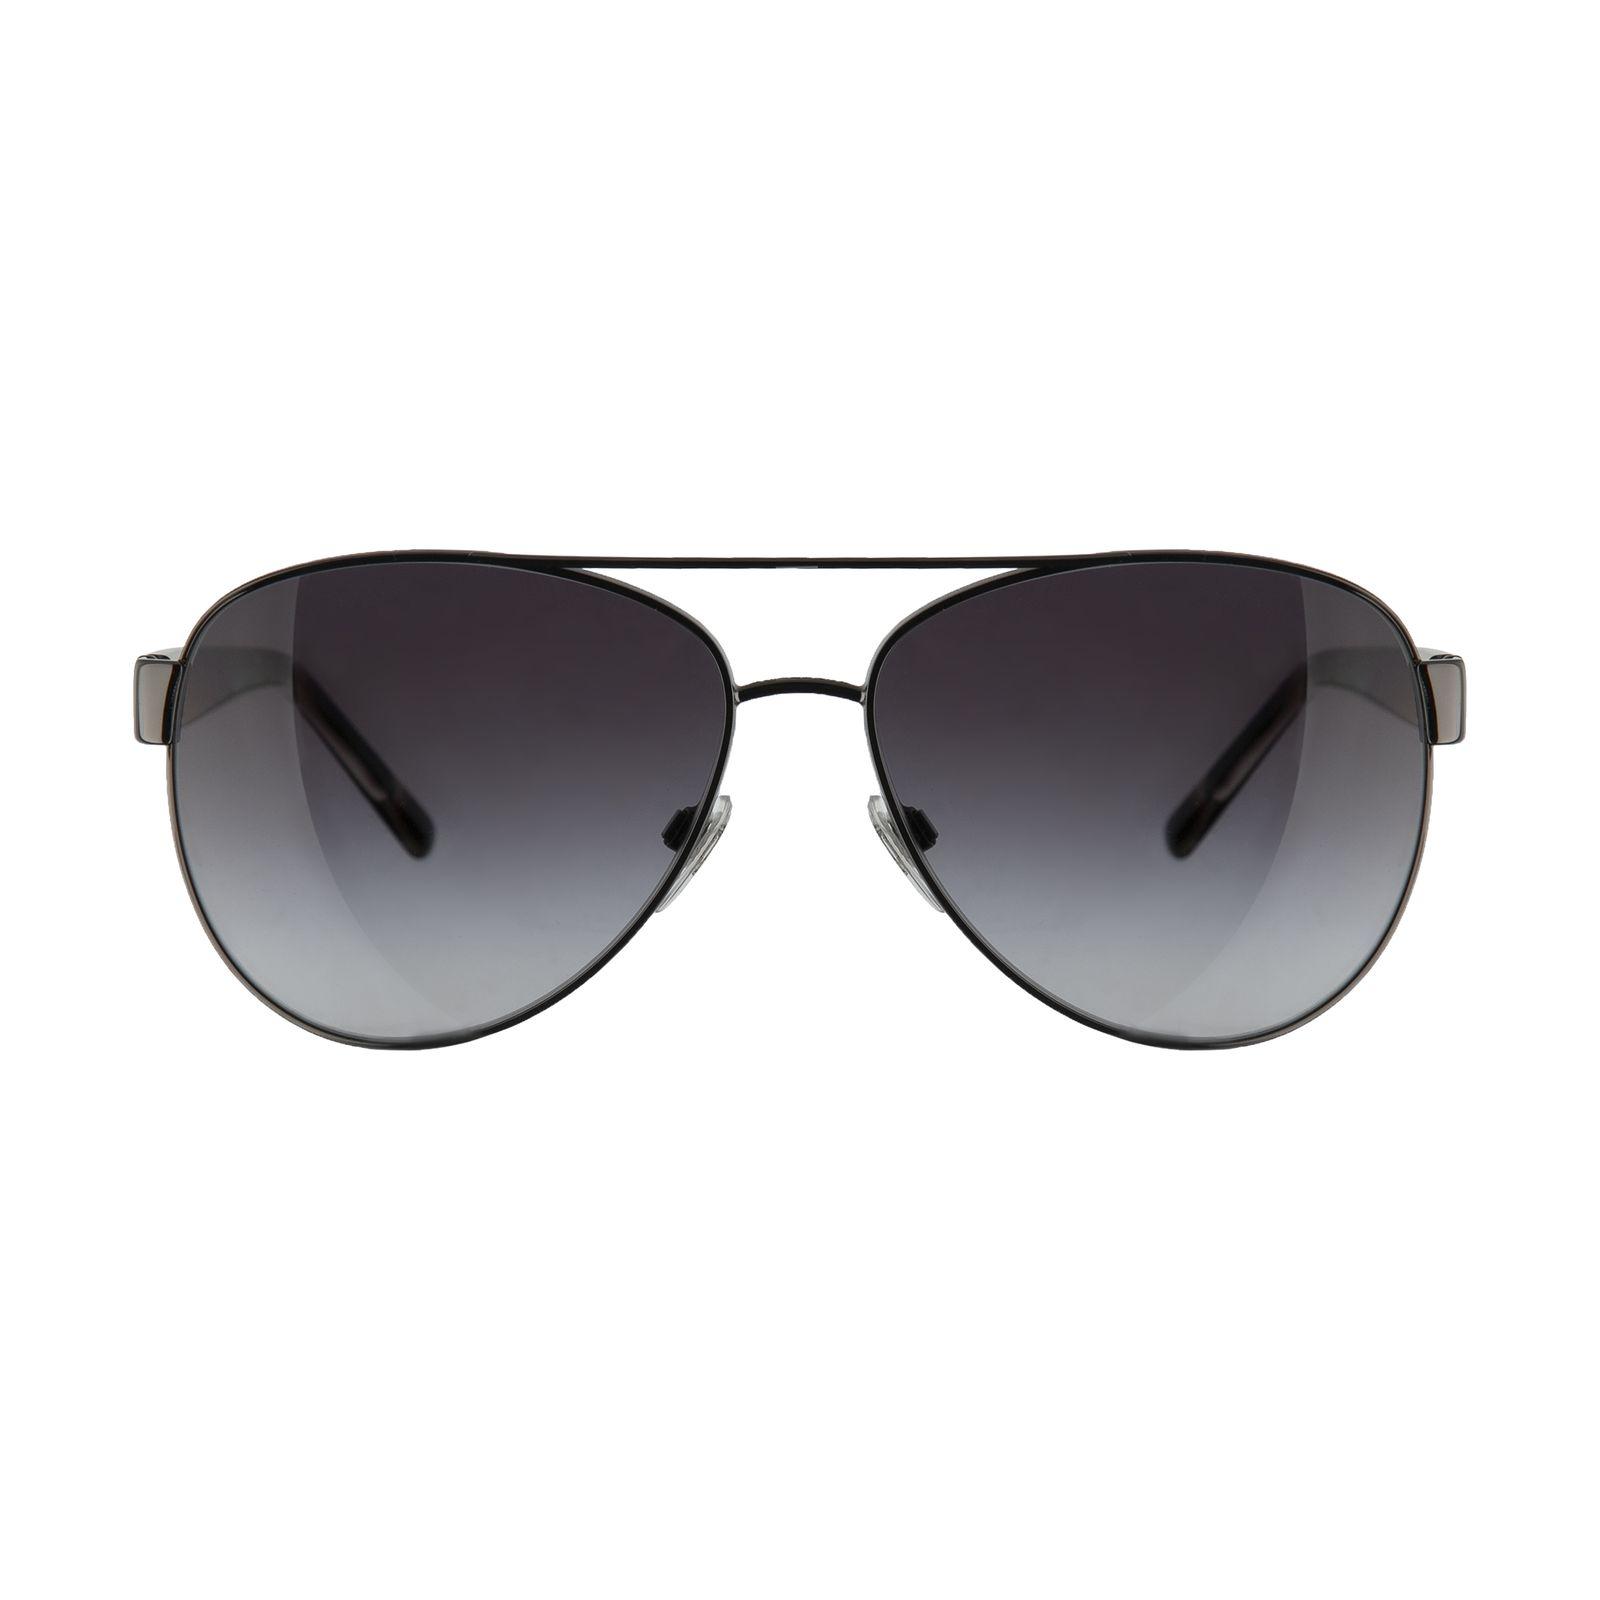 عینک آفتابی زنانه بربری مدل BE 3084S 12278G 60 -  - 2